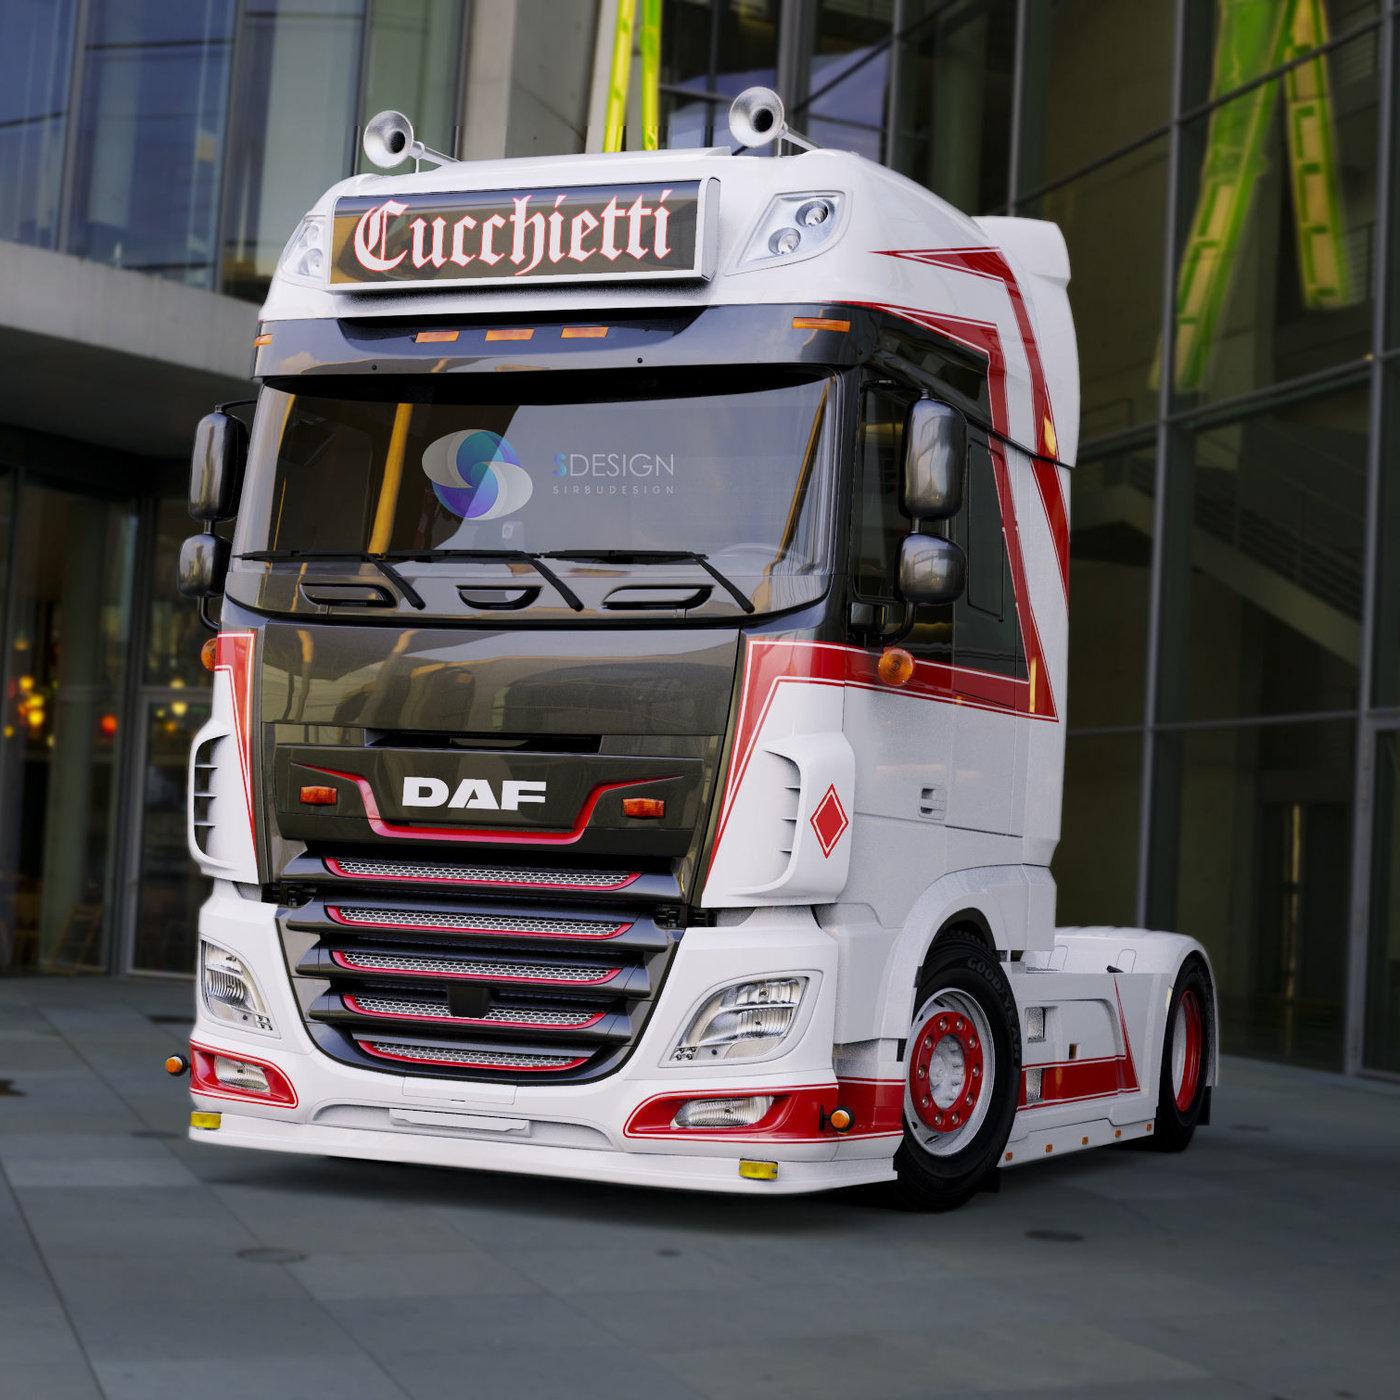 Daf euro 6 Autotrasporti Cucchietti